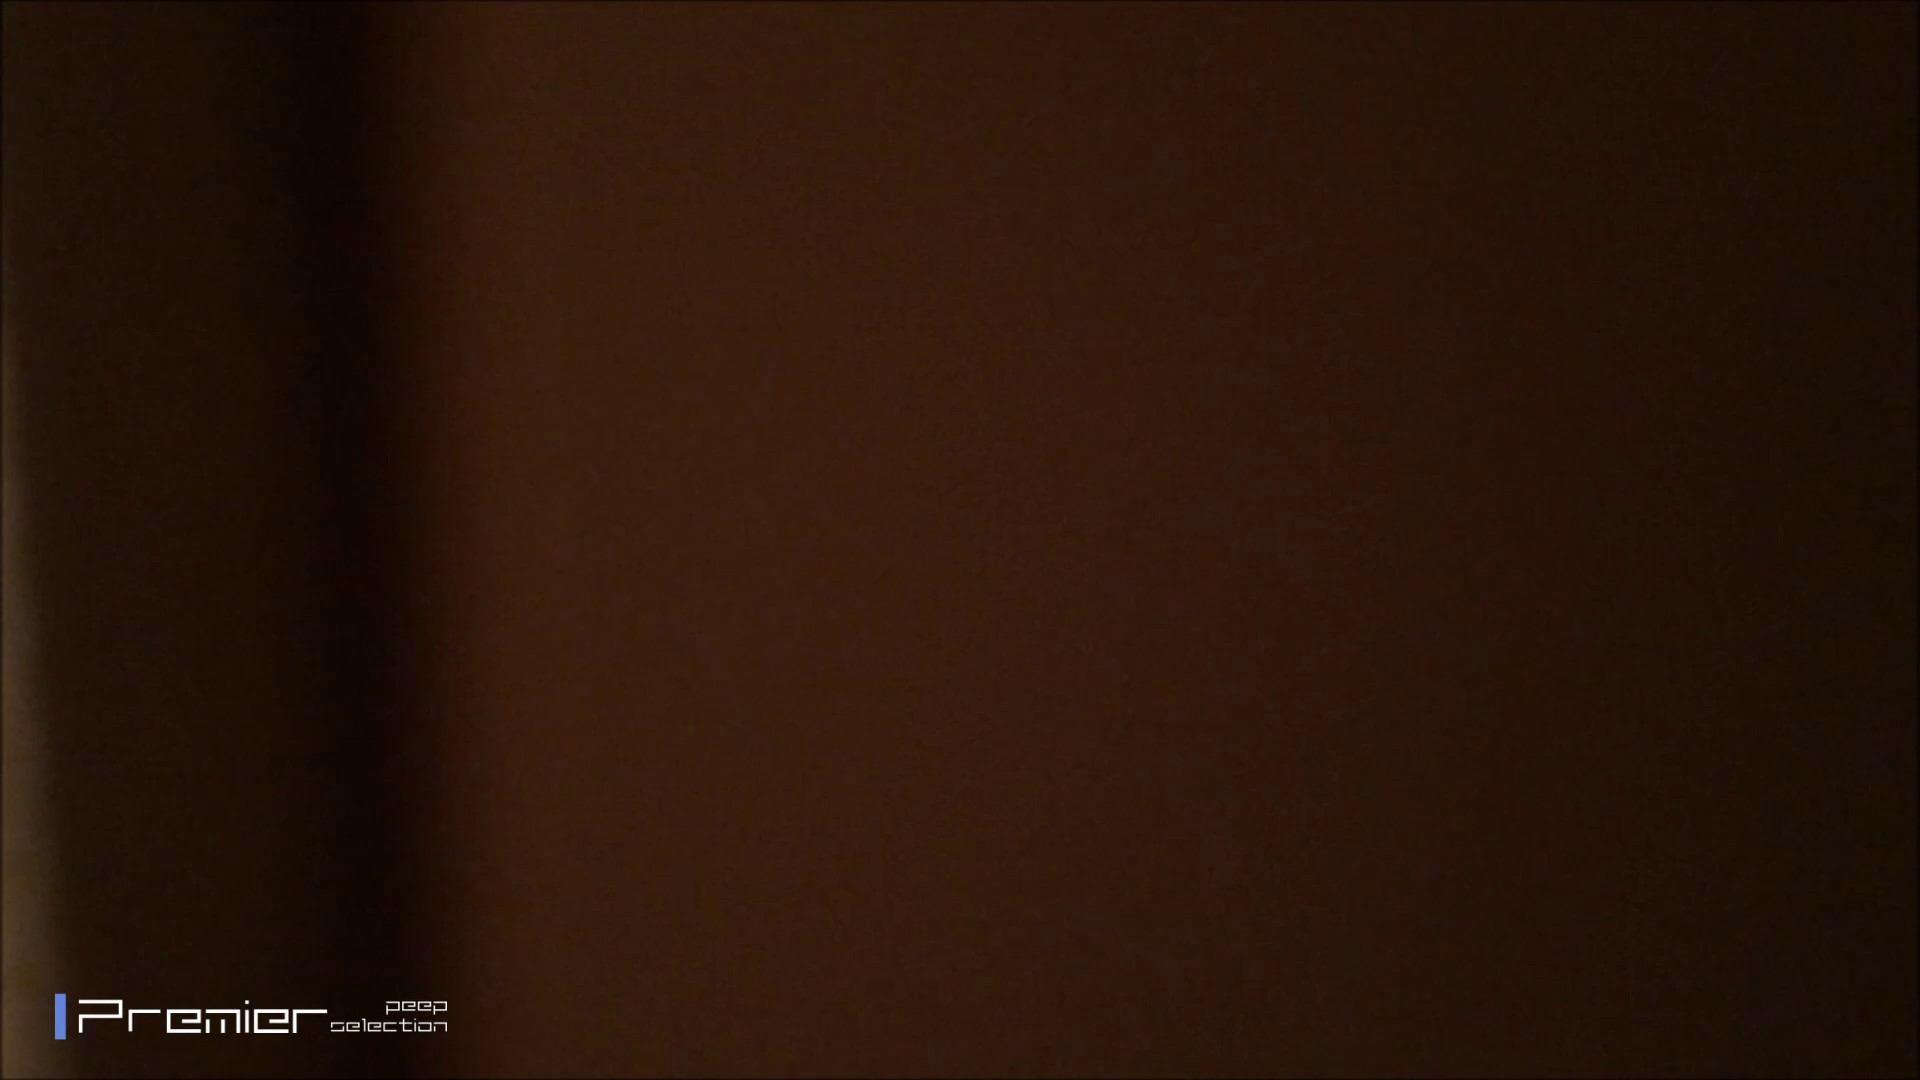 シャワーのお湯を跳ね返すお肌 乙女の風呂場 Vol.03 モデルコレクション | 乙女達のヌード  44連発 42